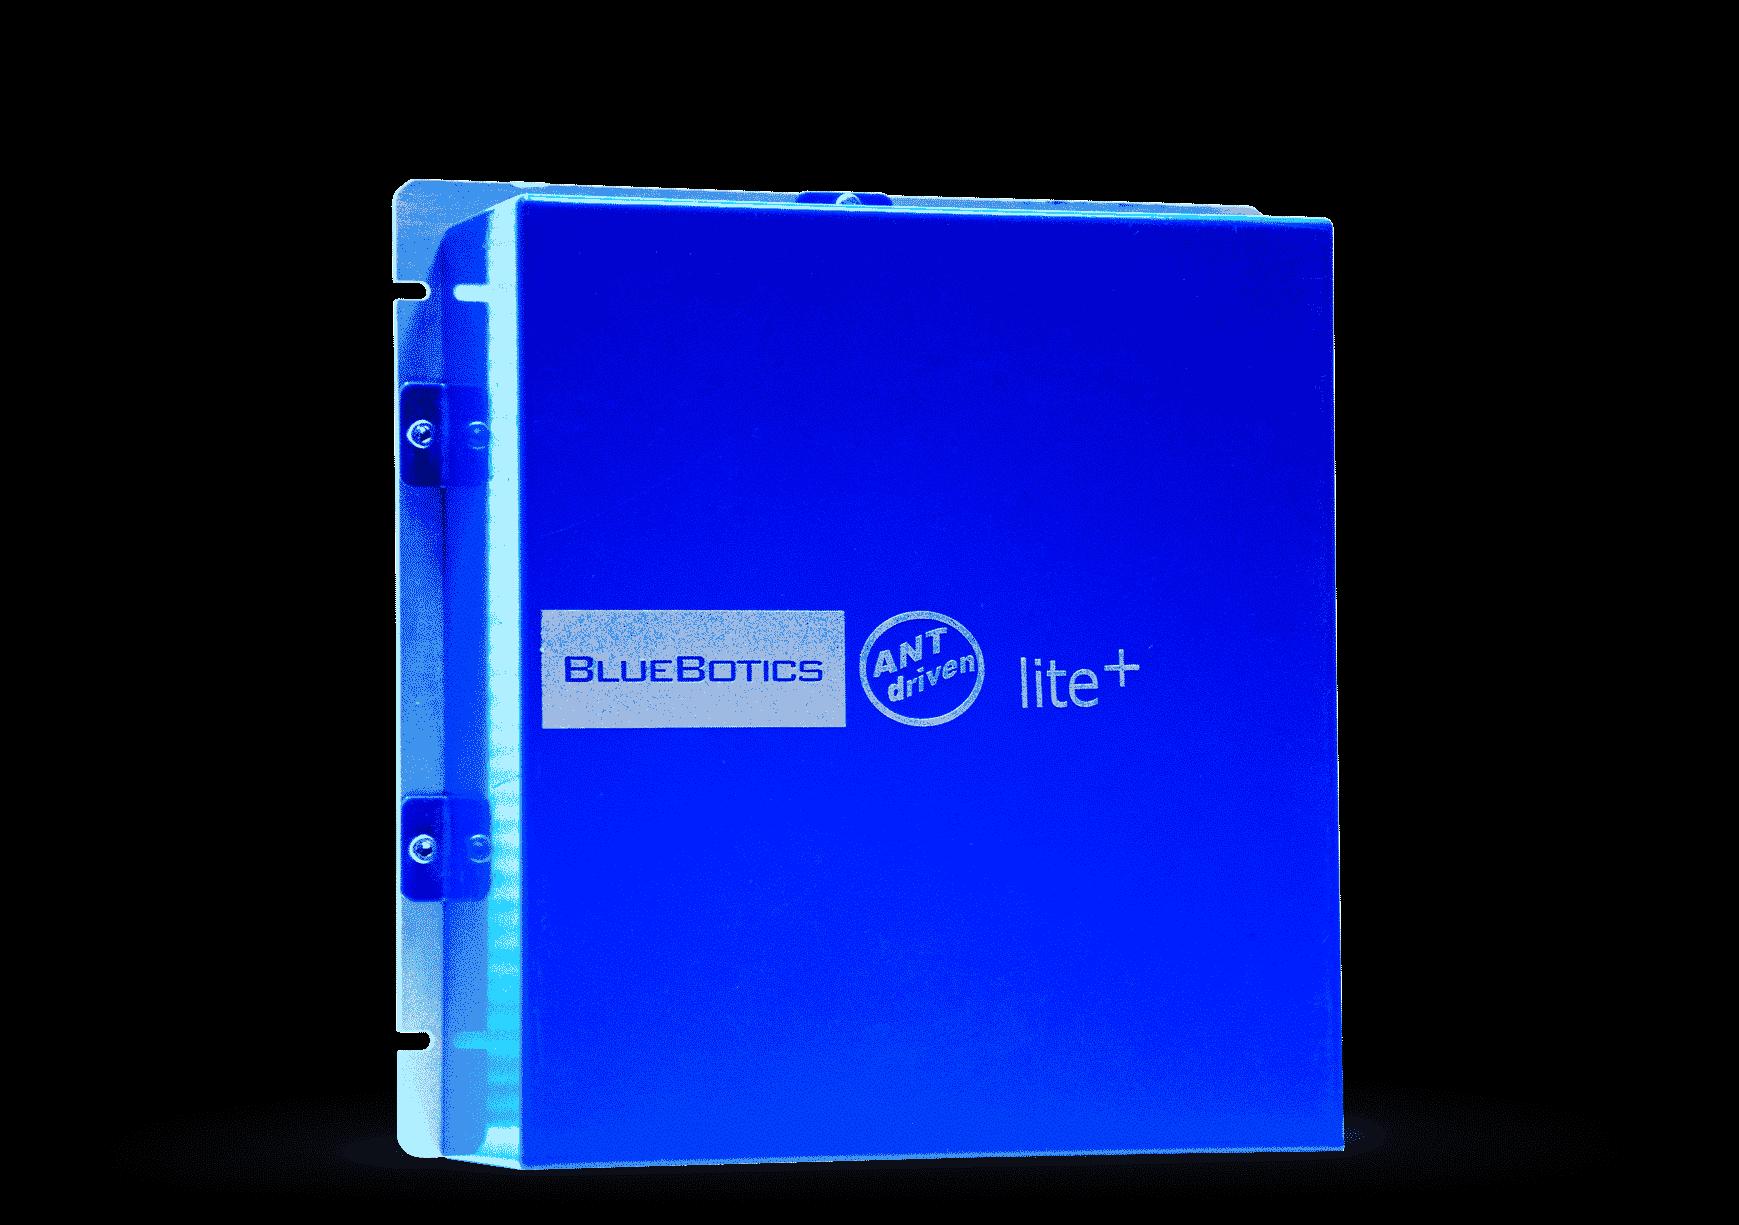 ANT lite+ - BlueBotics